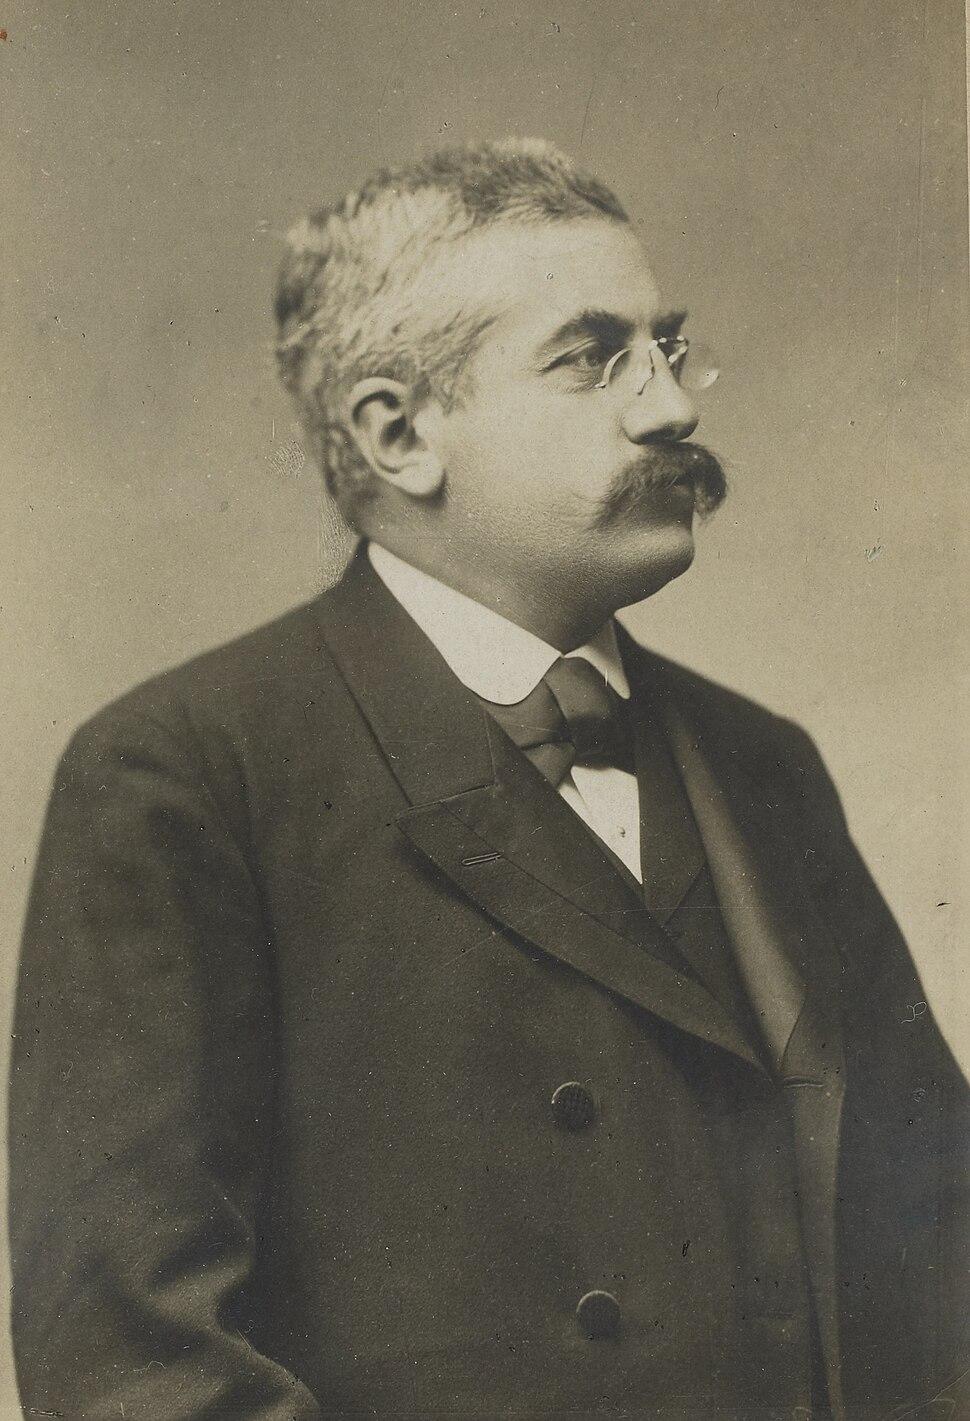 Exposition universelle de 1900 - portraits des commissaires g%C3%A9n%C3%A9raux-Alexandre Millerand